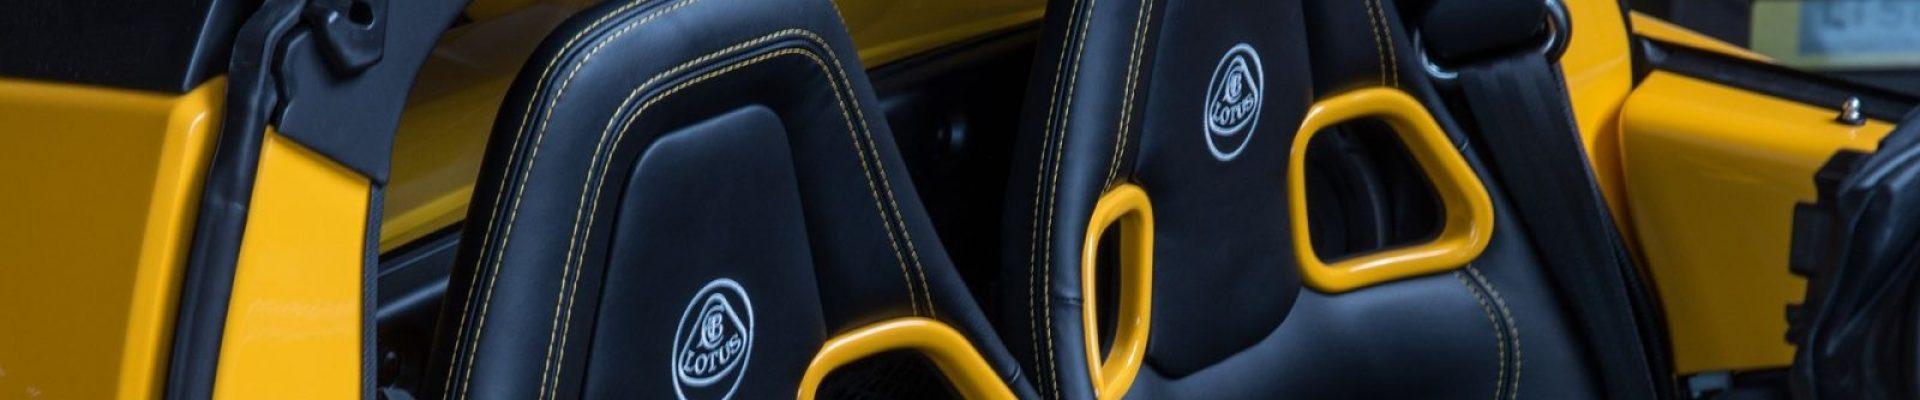 Lotus car battery banner 2